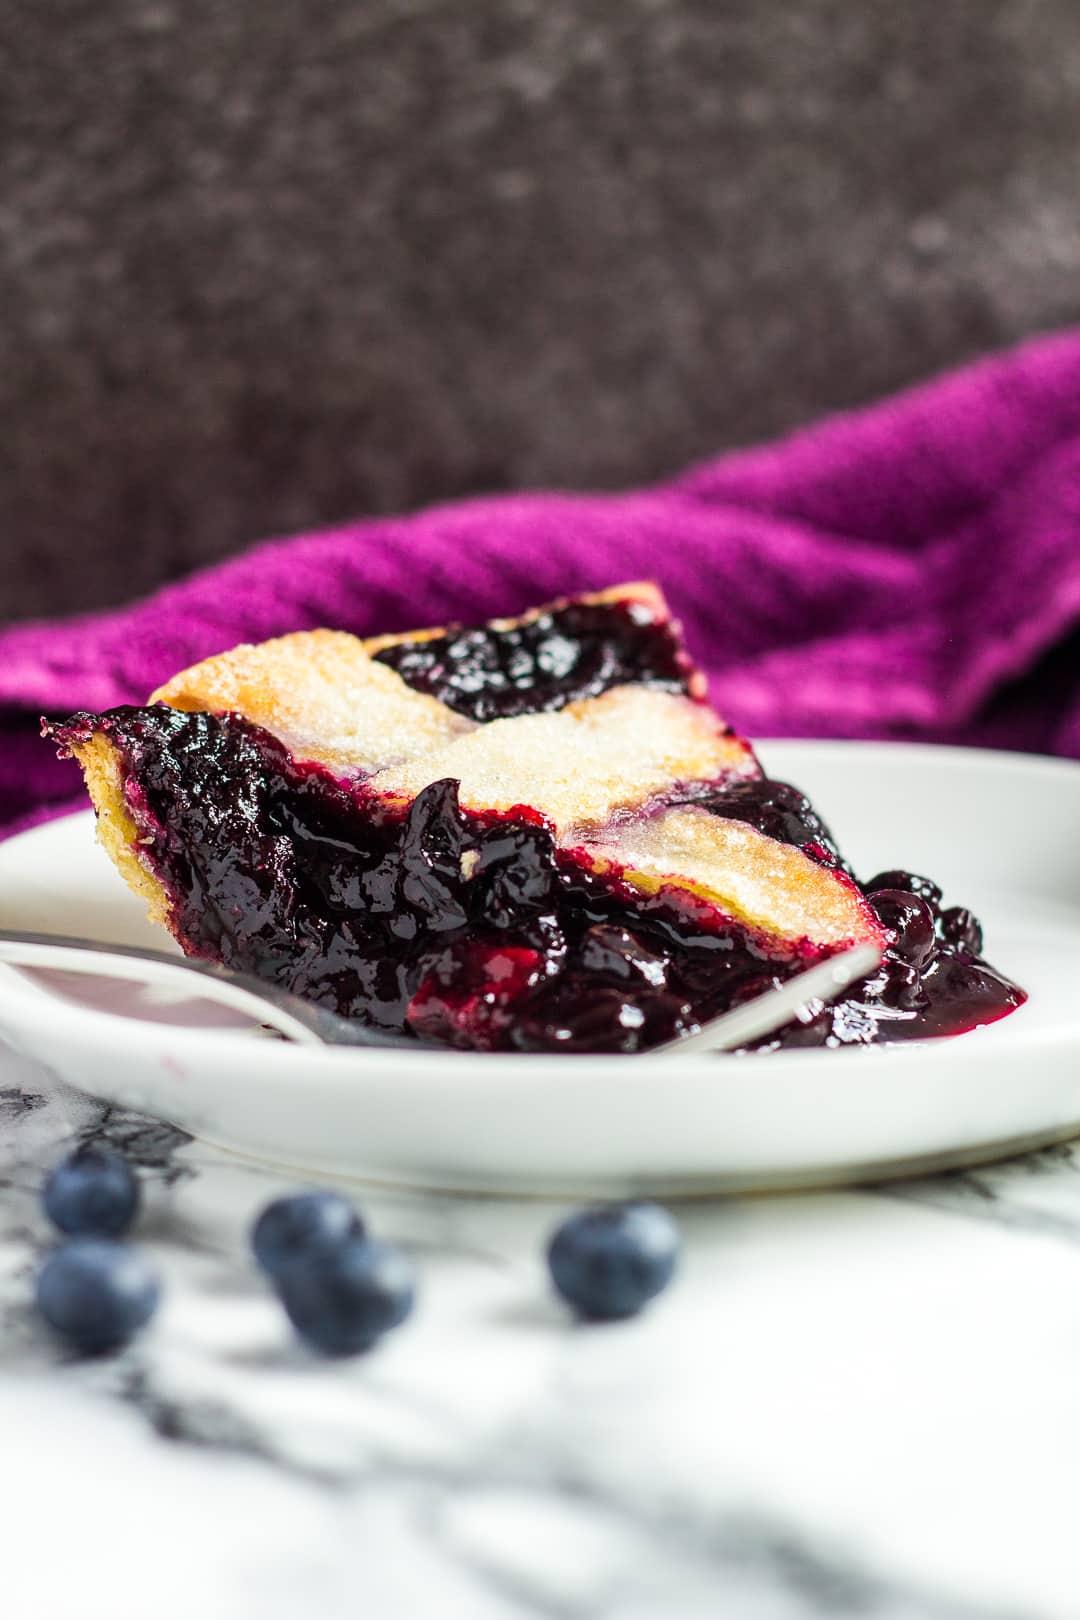 Homemade Blueberry Pie | marshasbakingaddiction.com @marshasbakeblog